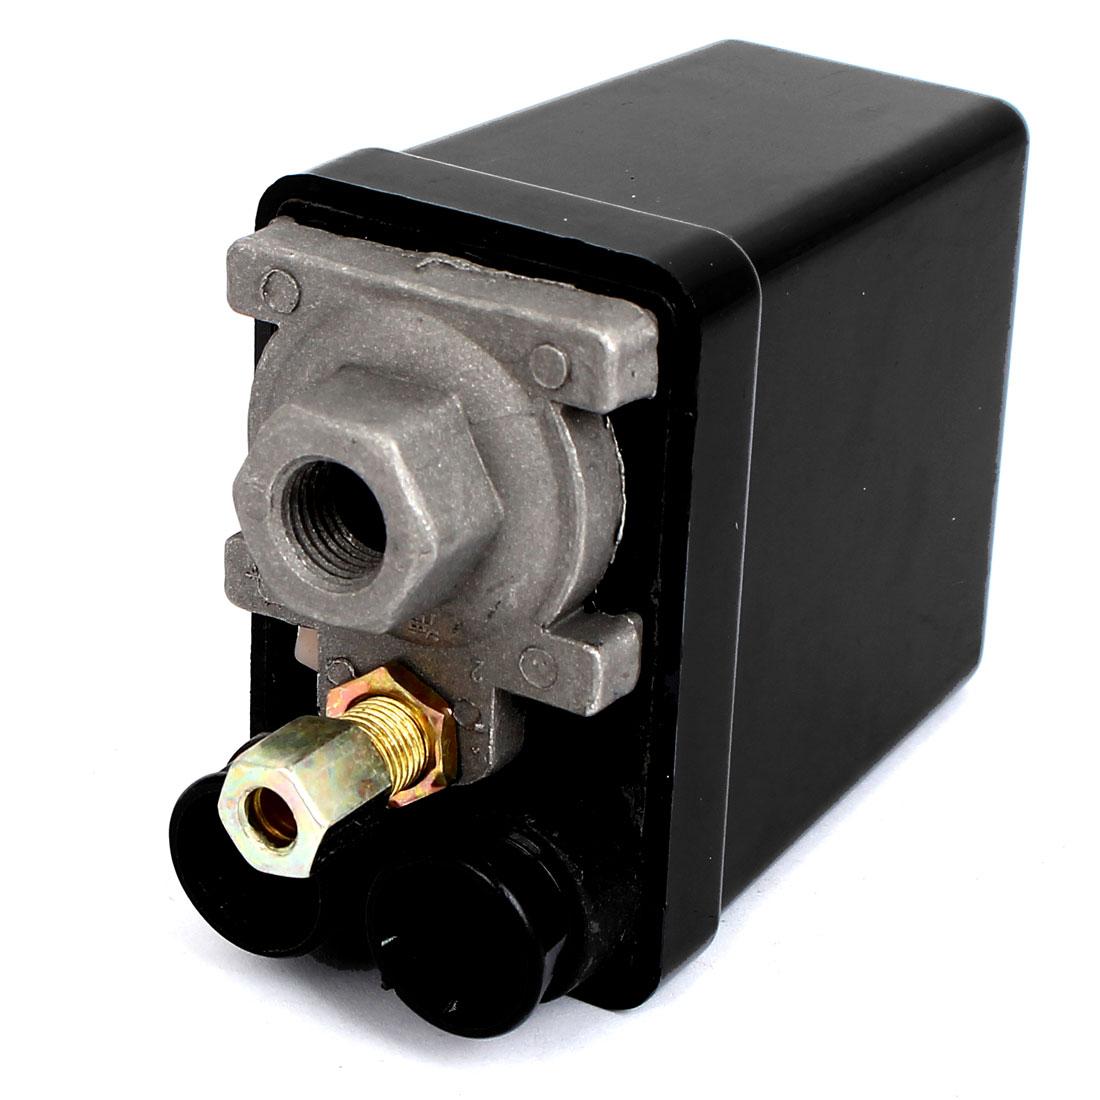 AC 240V 20A 175PSI 12Bar 1 Port Air Compressor Pressure Switch Control Valve